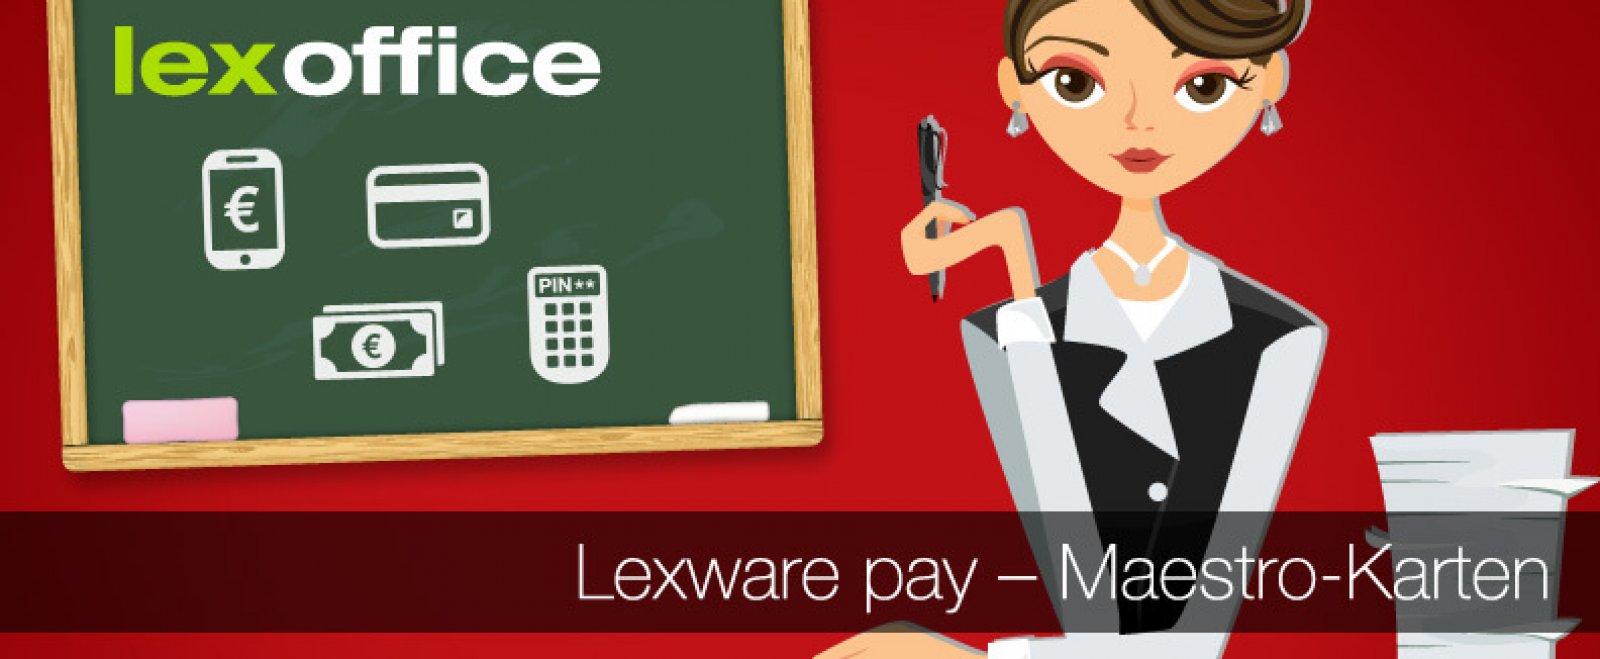 Maestro-Karten: Elektronische Zahlungsmittel